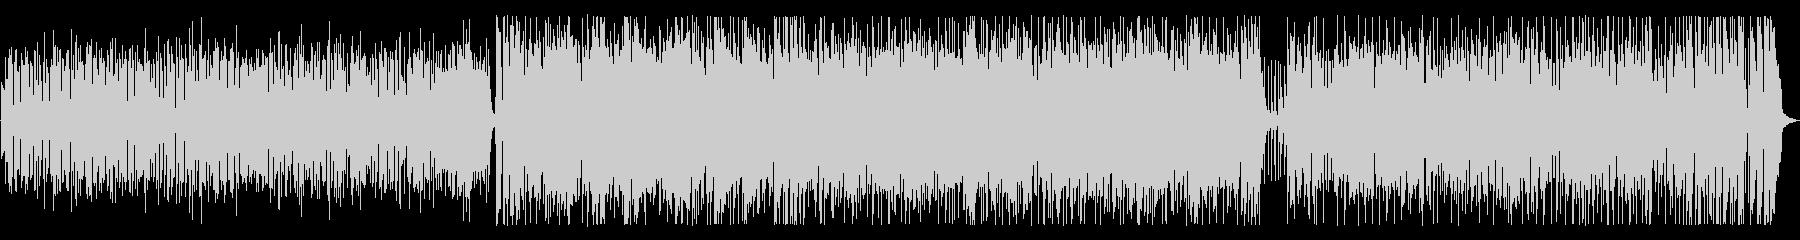 軽快なジャズフュージョンの未再生の波形